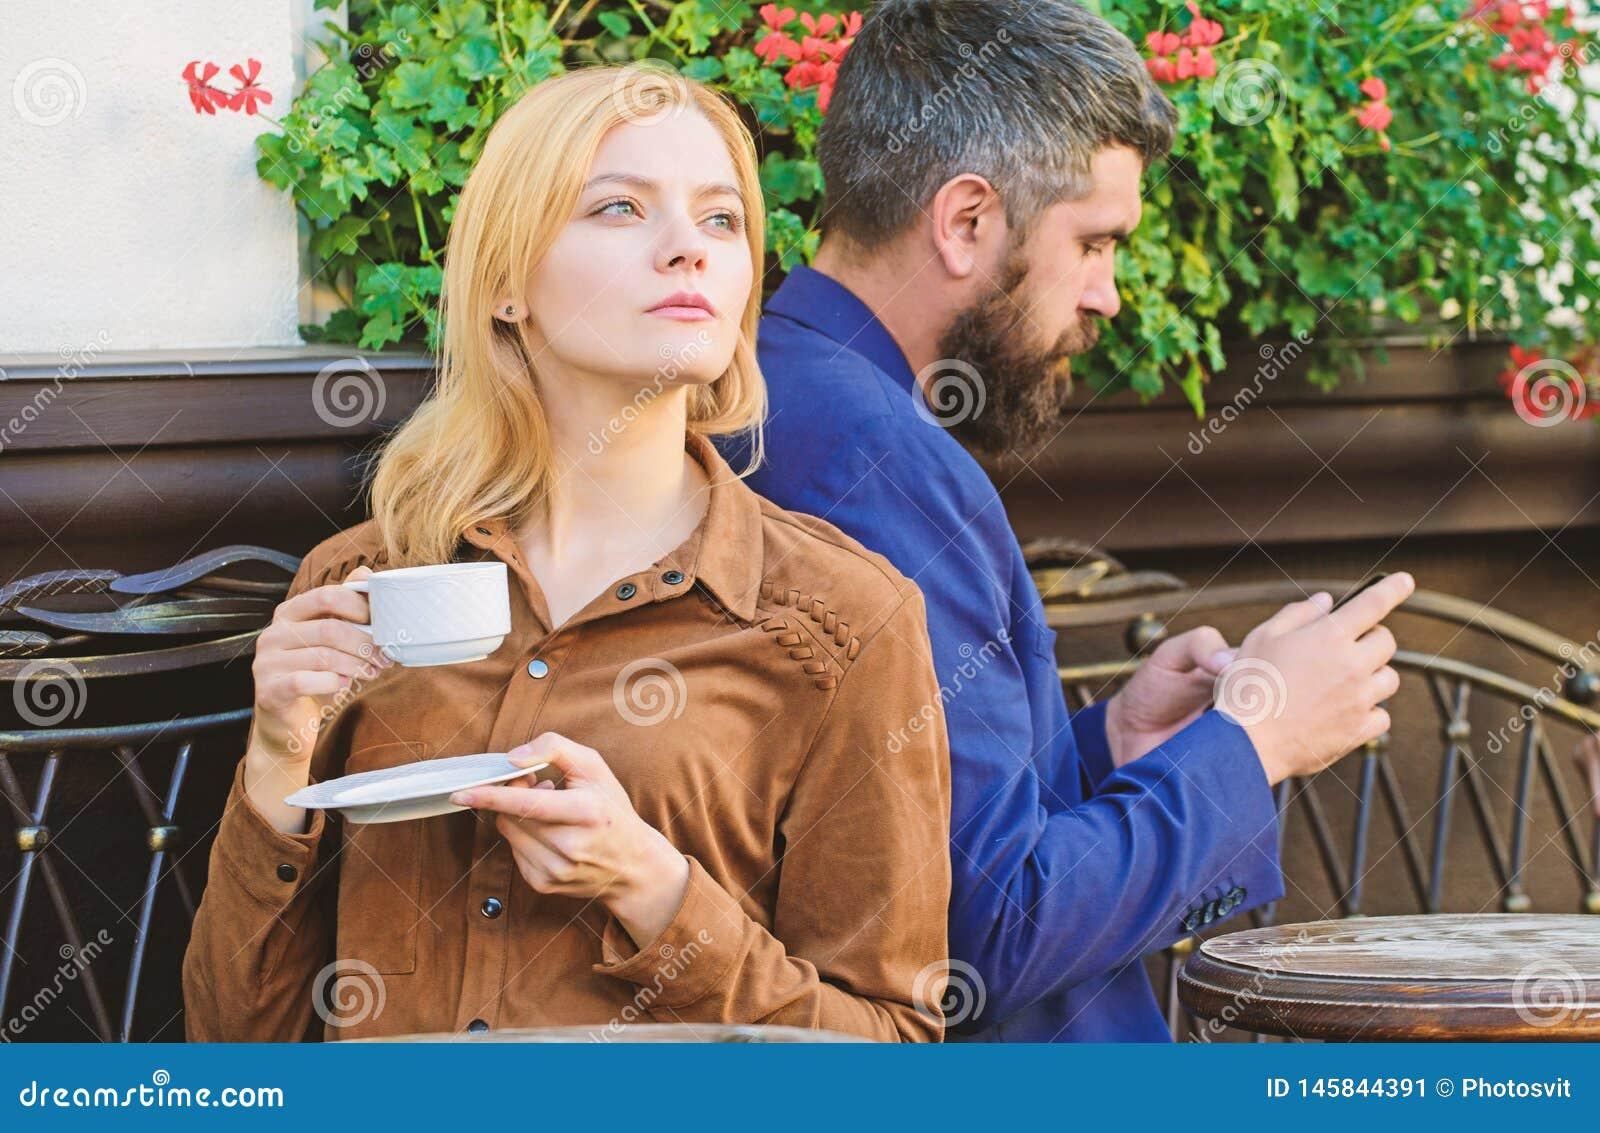 Nabranie i zdrada bicykli/l?w dzieci rodzinny ojca weekend Zam??na urocza para relaksuje wp?lnie Pary kawiarni tarasu napoju kawa